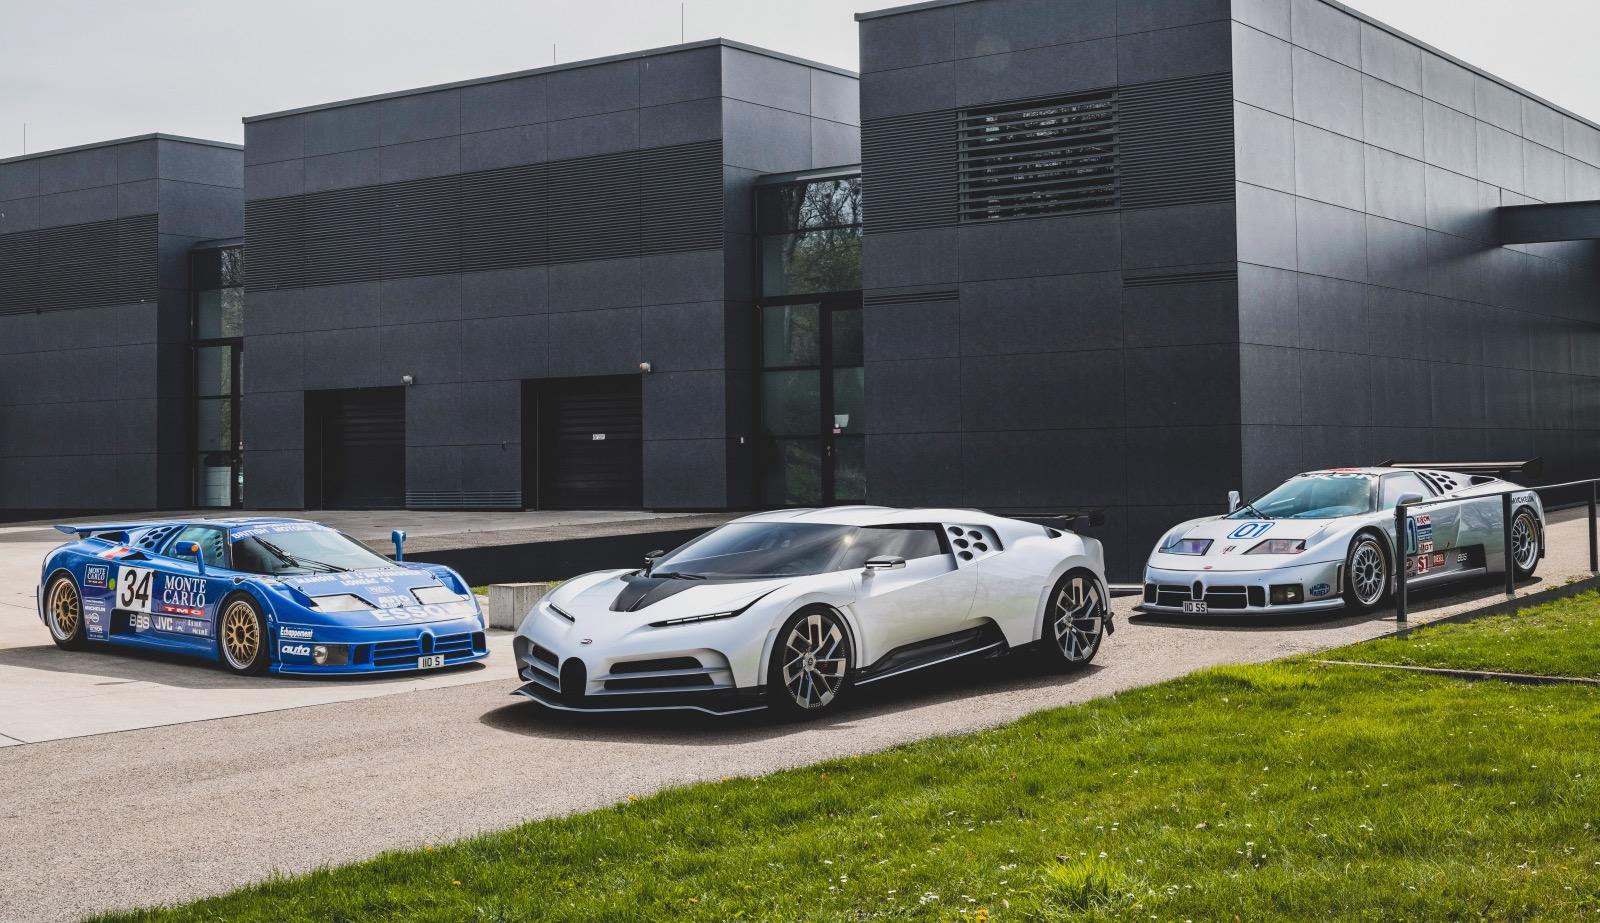 Bugatti Centodieci / EB110 / Molsheim